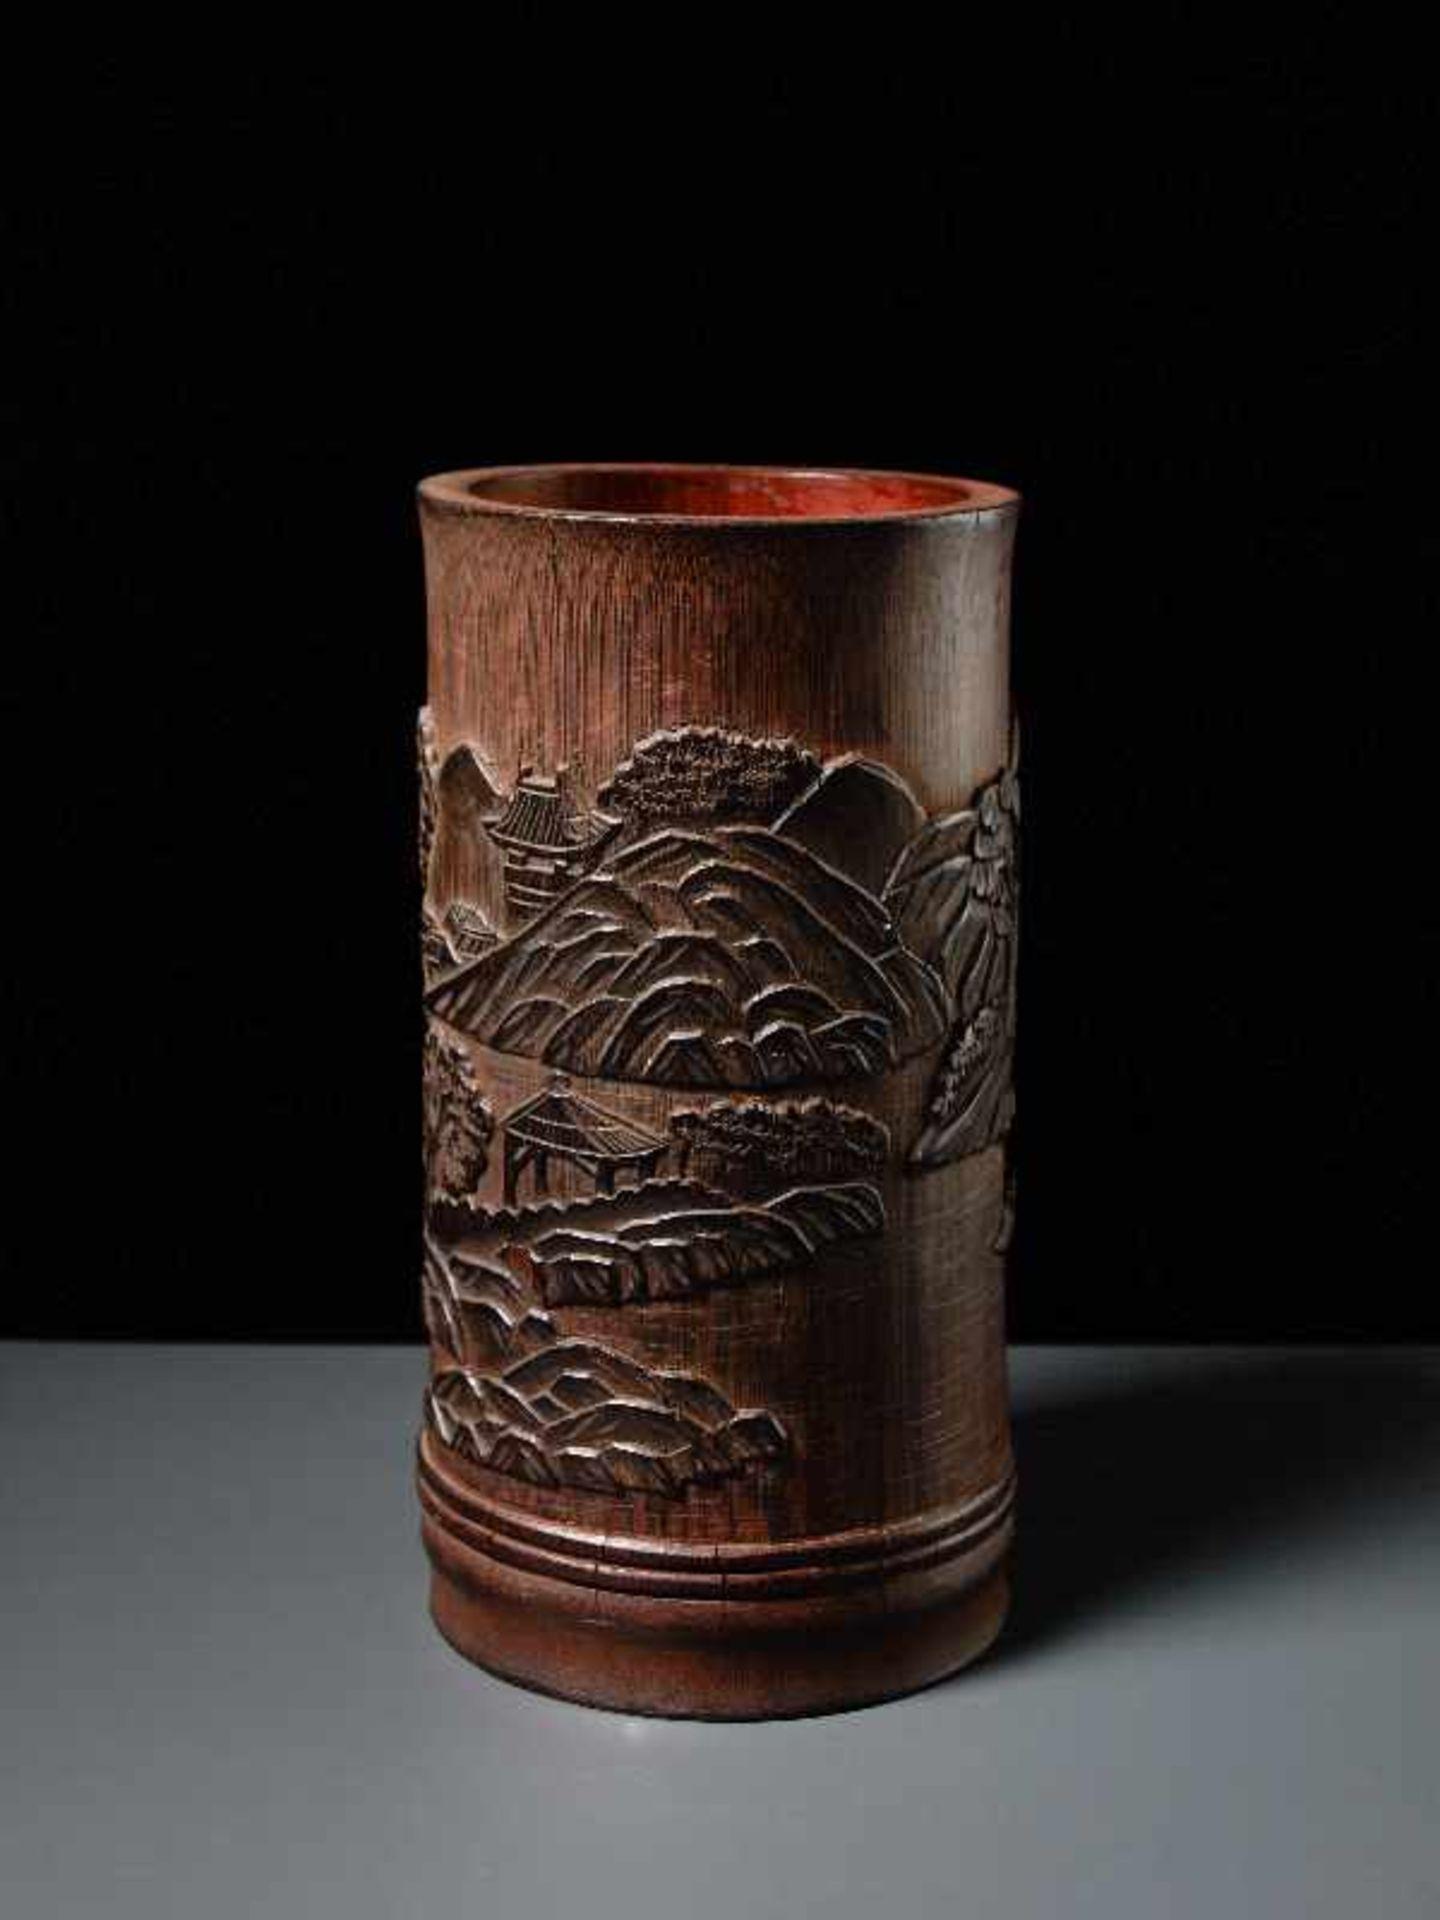 PINSELBECHER MIT LANDSCHAFTSRELIEF Bambusstamm. China, Qing-Dynastie, 19. Jh. Sehr gute Arbeit, - Image 3 of 5